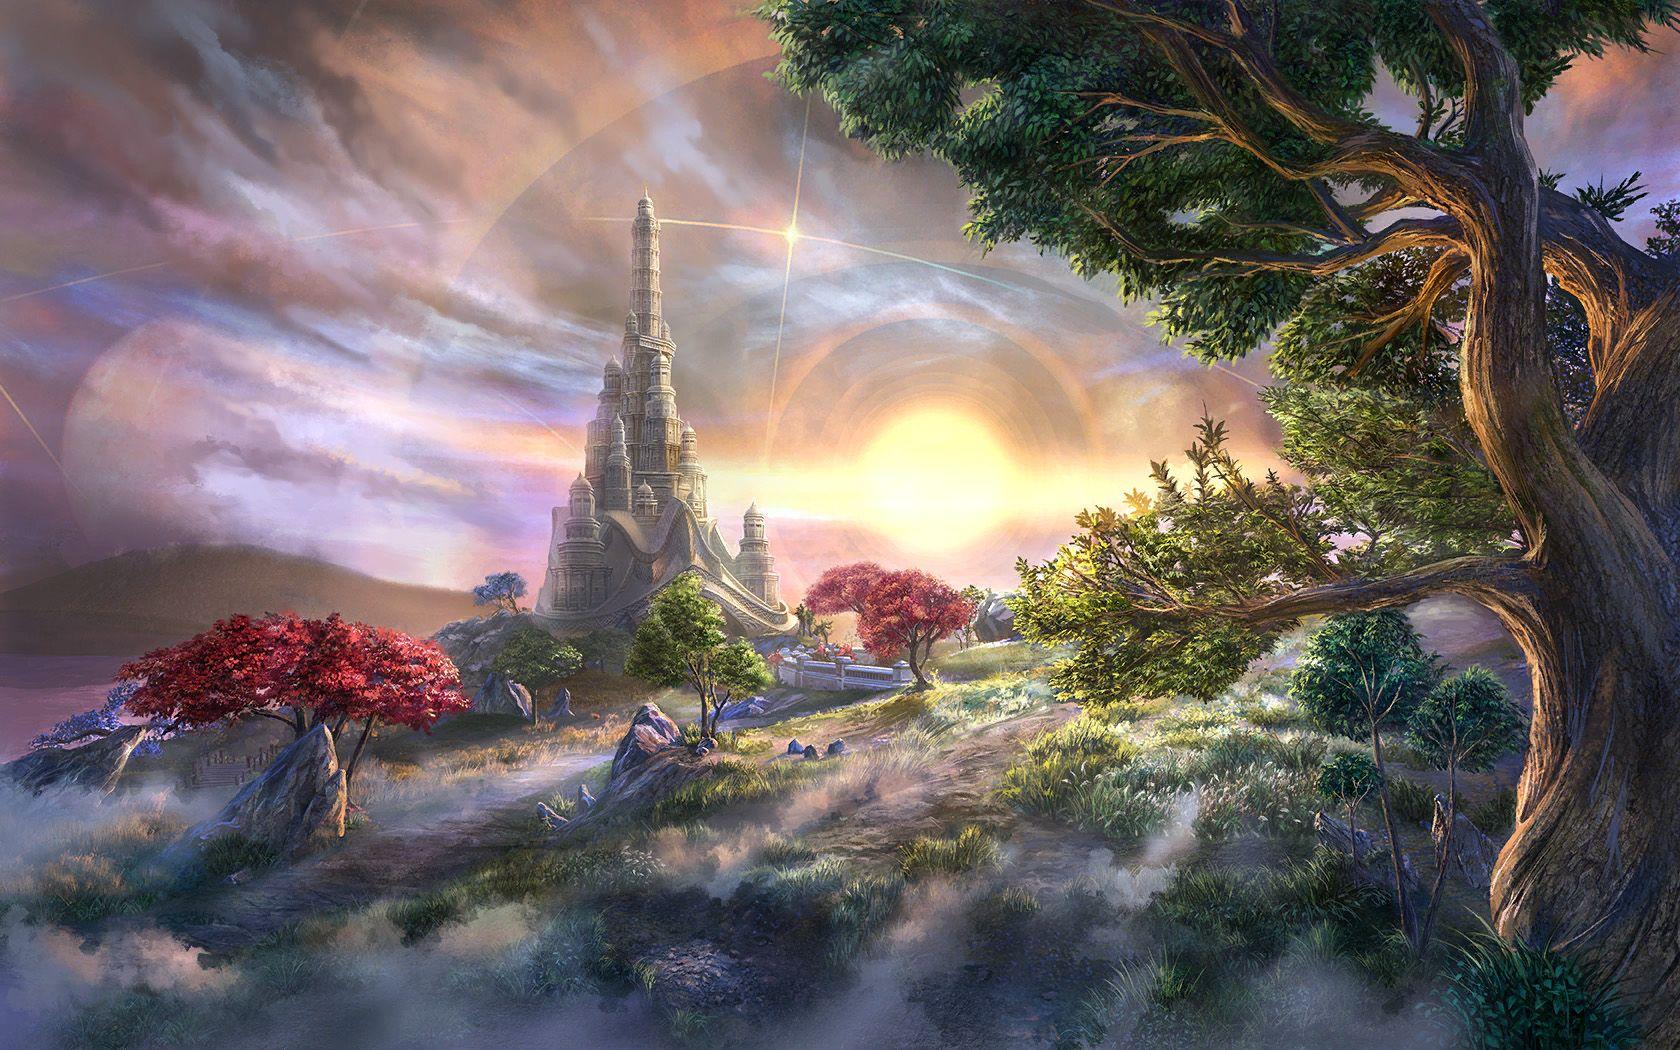 Artaeum Elder scrolls online, Elder scrolls, Fantasy artwork